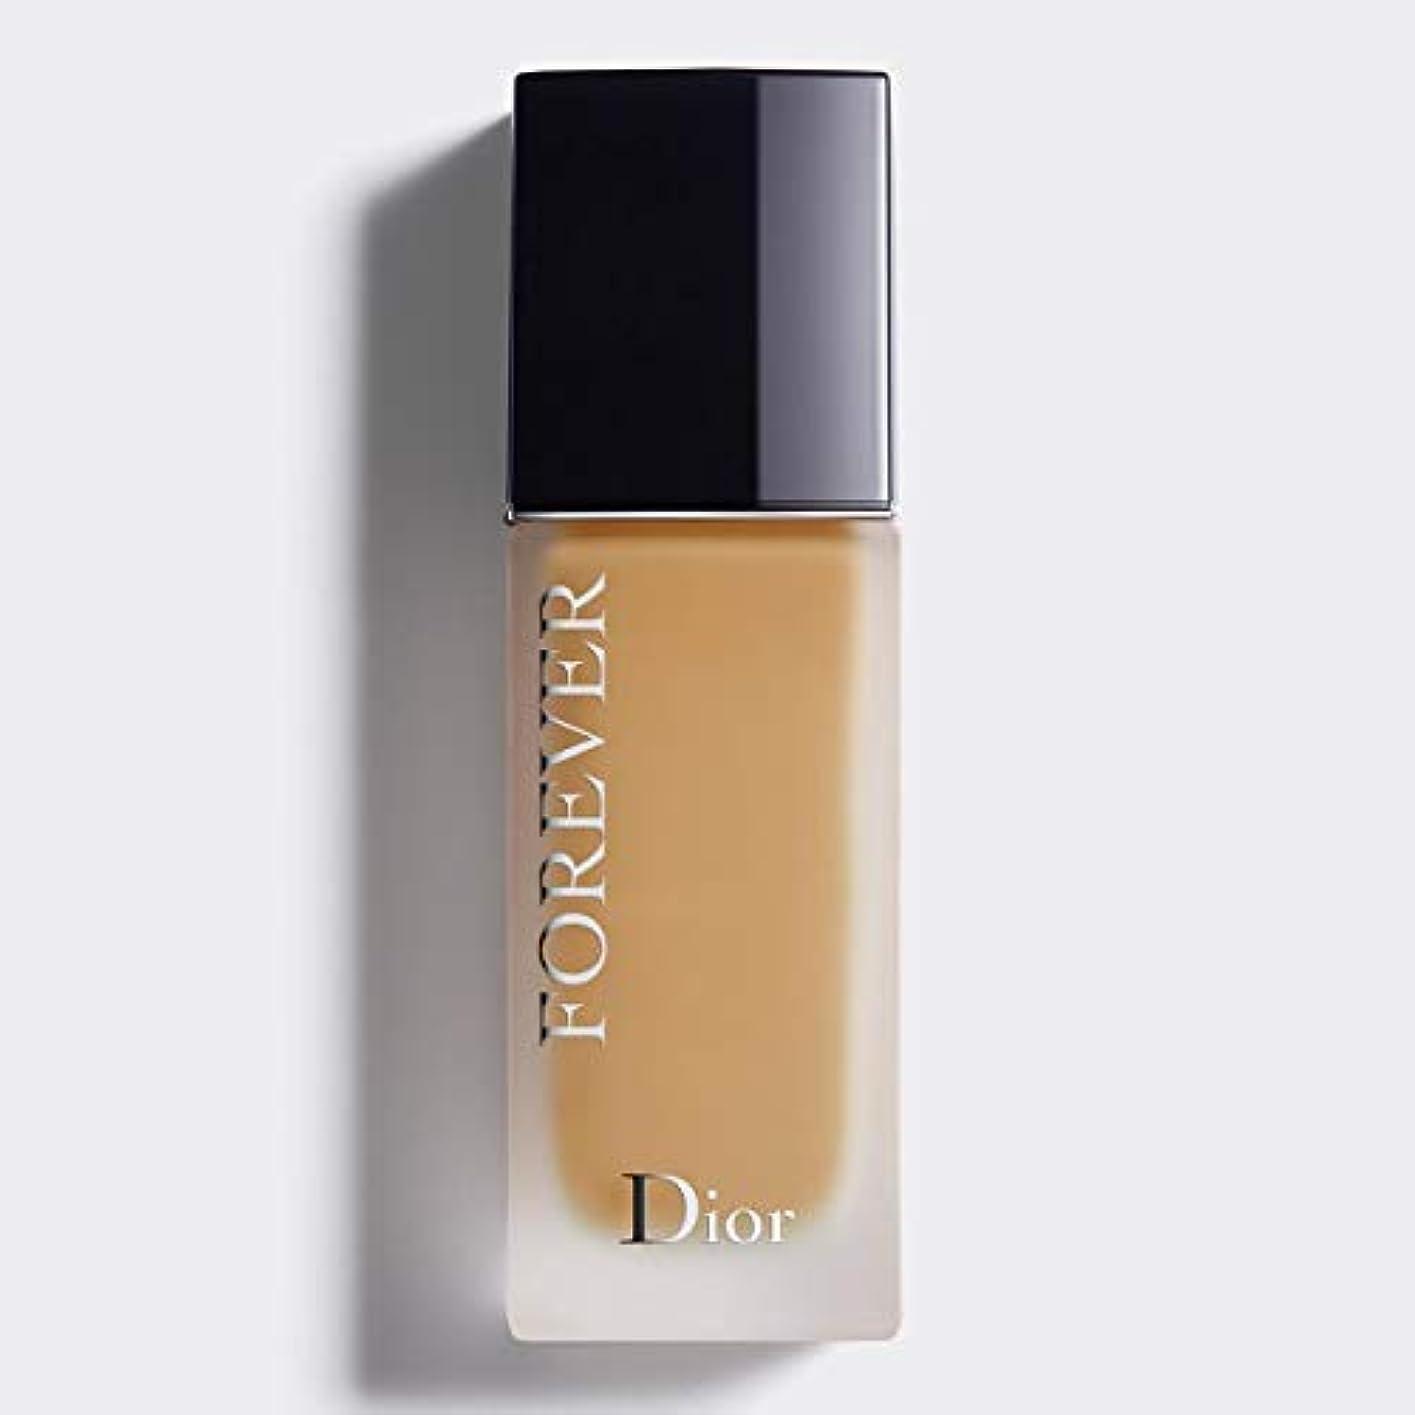 写真を描くに慣れ偏見クリスチャンディオール Dior Forever 24H Wear High Perfection Foundation SPF 35 - # 3WO (Warm Olive) 30ml/1oz並行輸入品